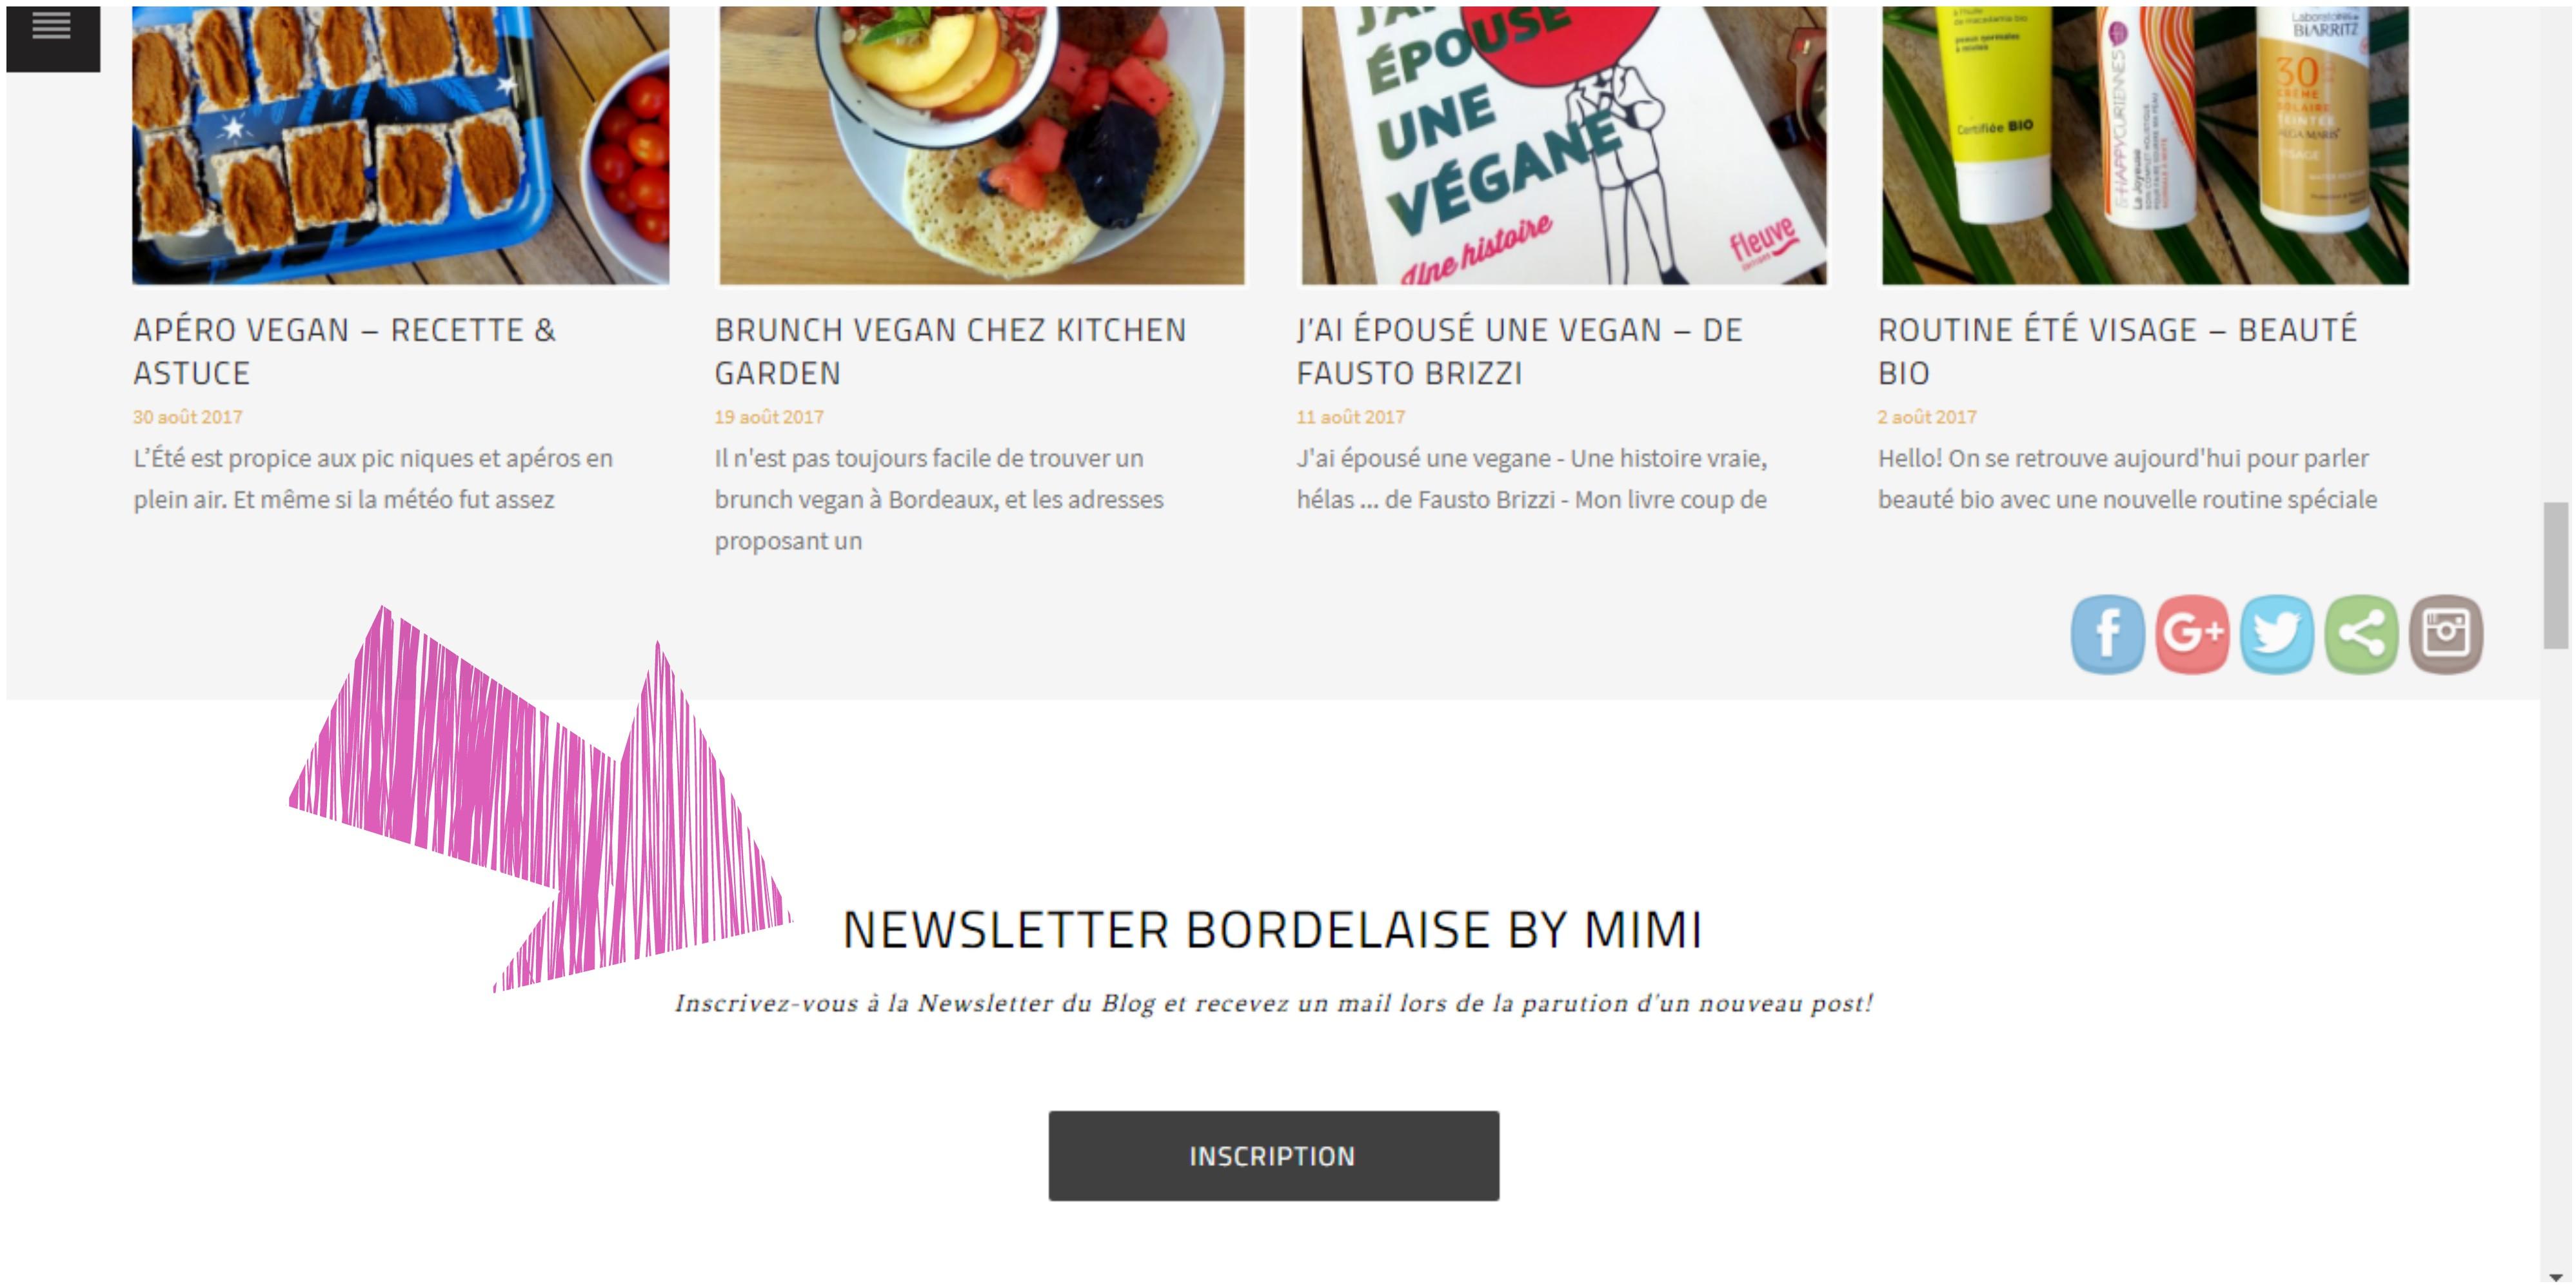 blog-newsletter-bordelaise-by-mimi